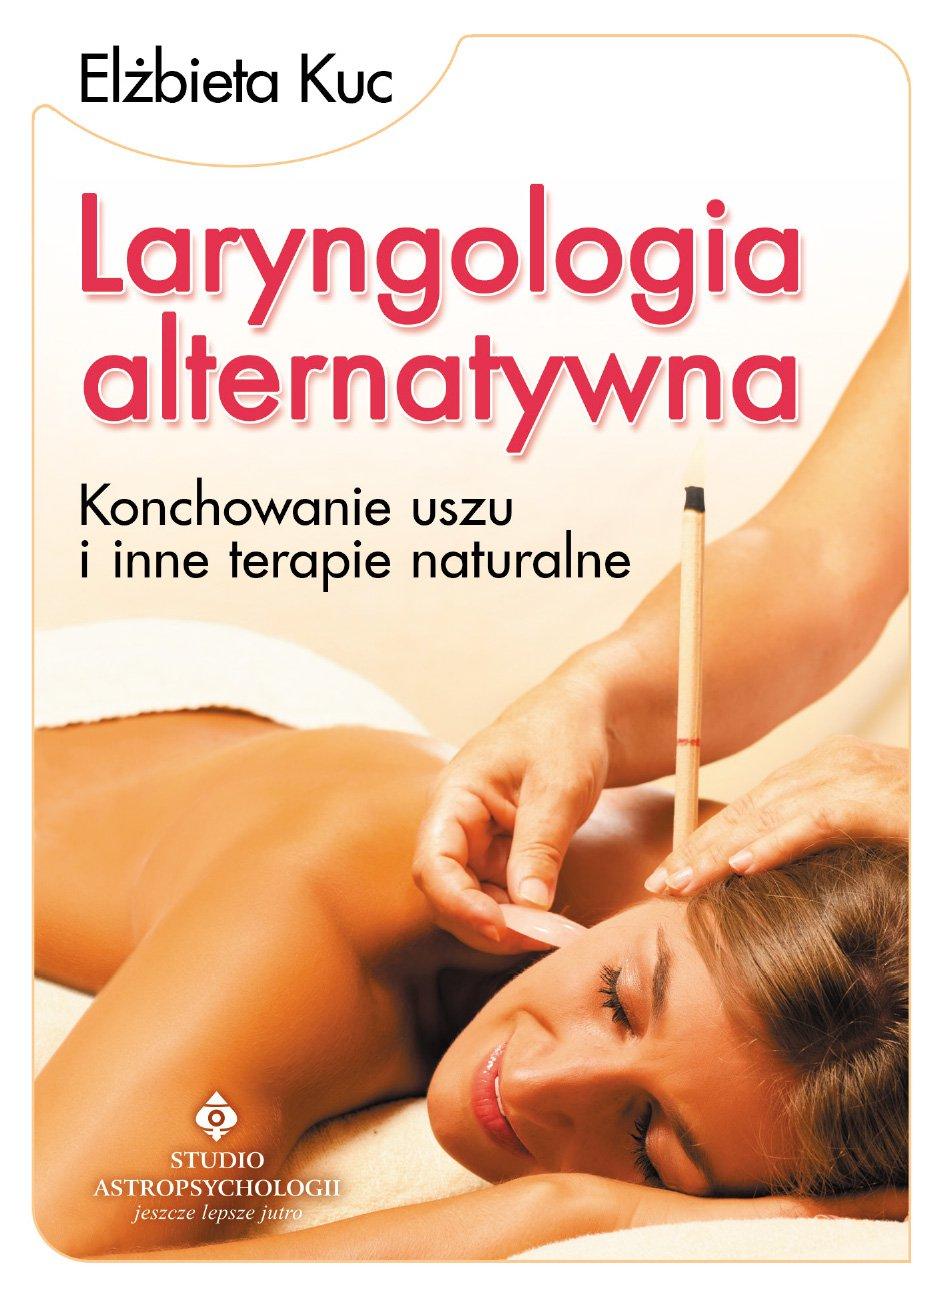 Laryngologia alternatywna. Konchowanie uszu i inne terapie naturalne - Ebook (Książka na Kindle) do pobrania w formacie MOBI